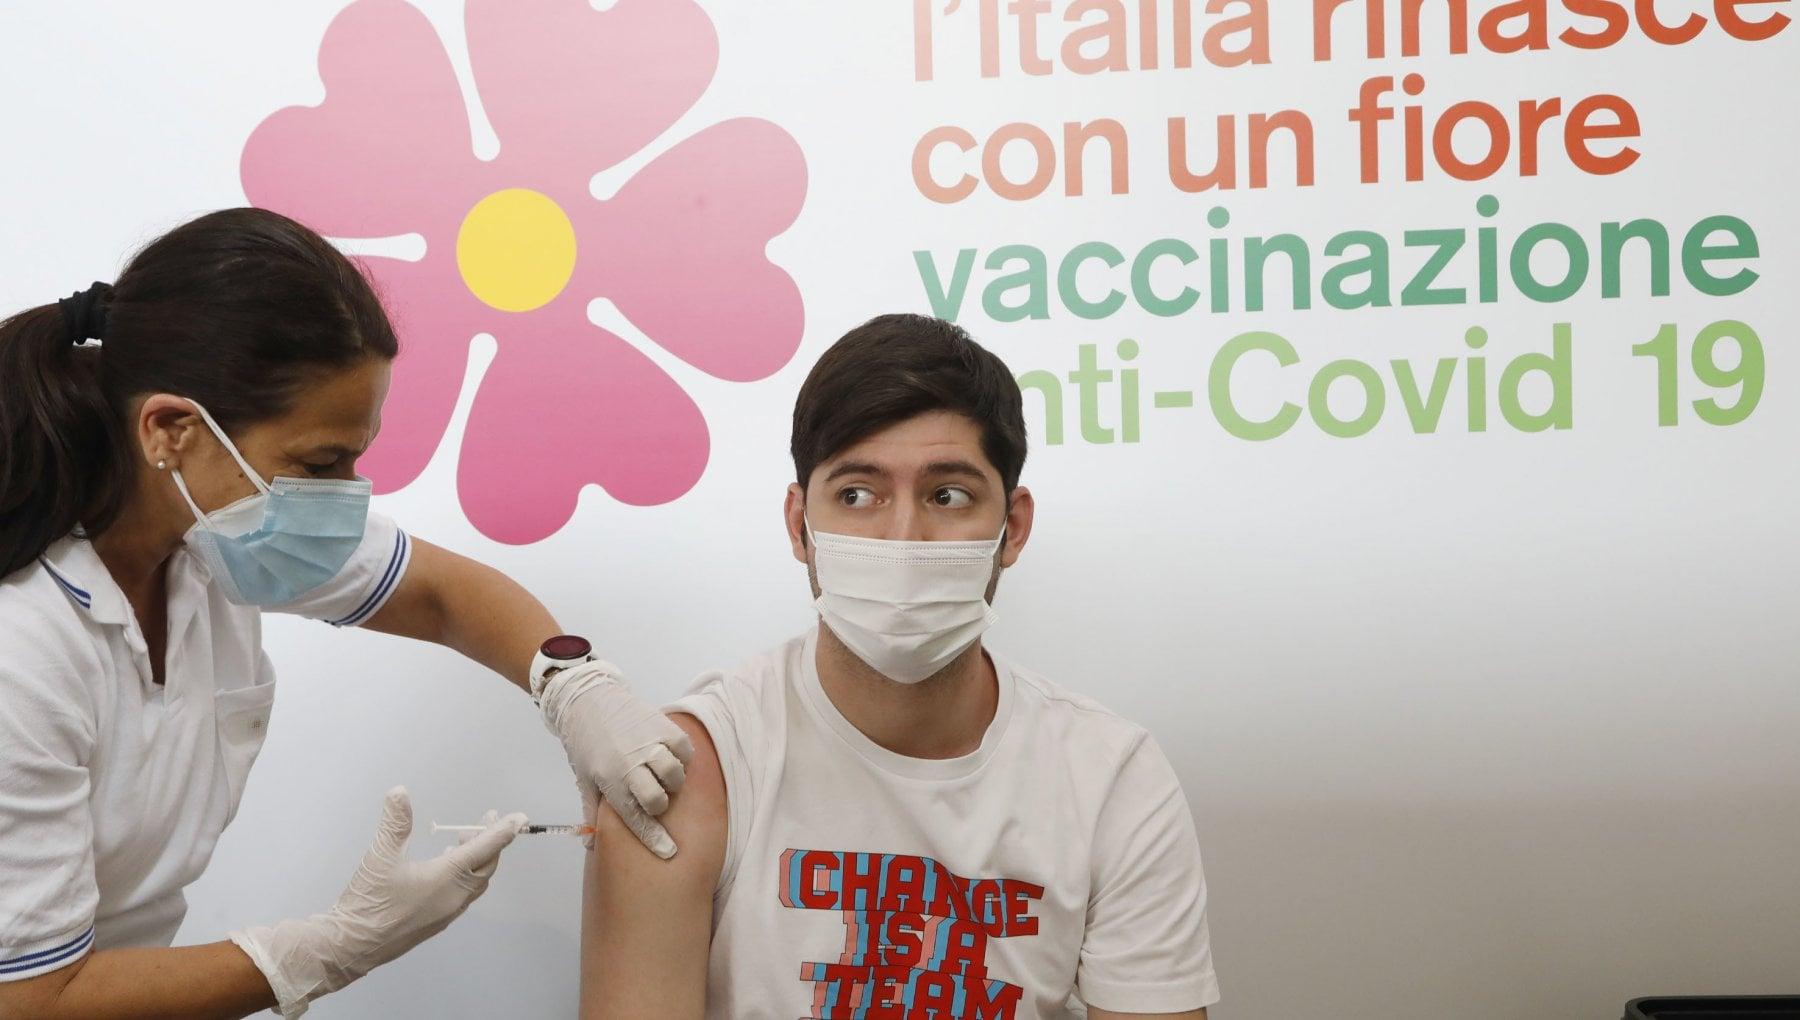 213223982 b4f0ff6e d66b 4e99 907b 06f7503f4732 - Vaccini, ora l'Italia vuole correre: si tratta per anticipare le consegne